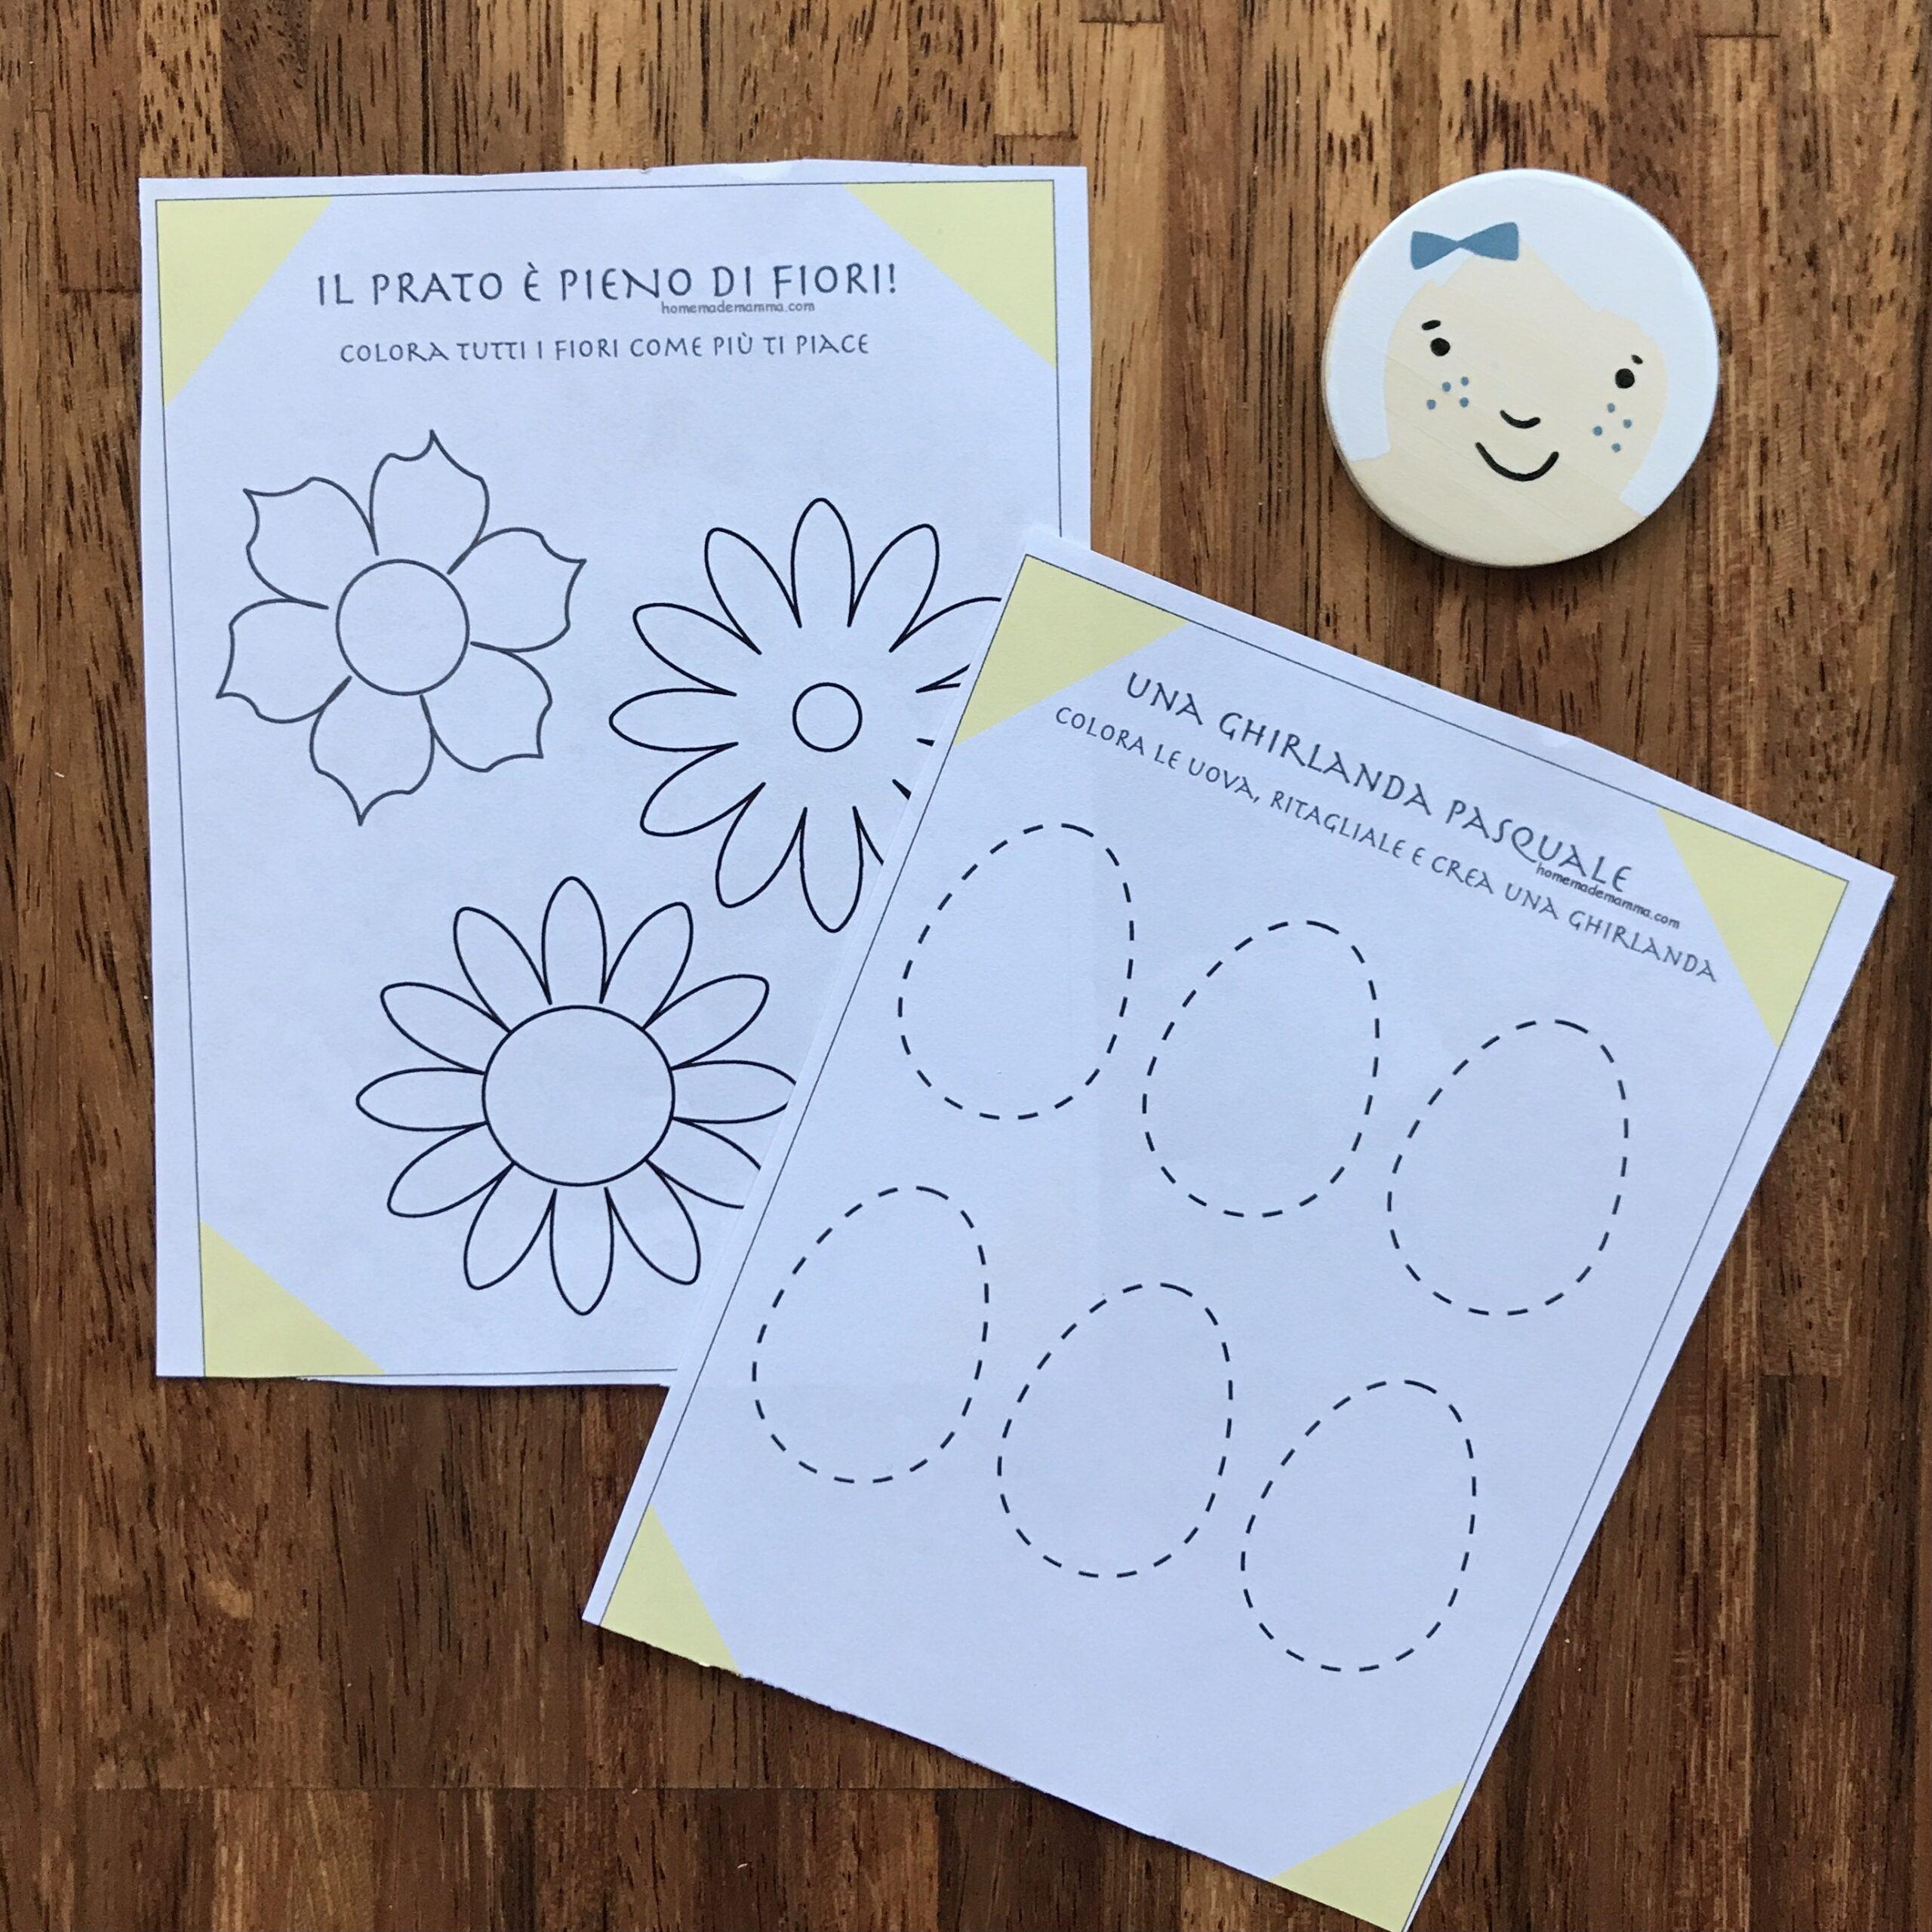 Pasqua attività giochi memory stampare colorare scuola infanzia